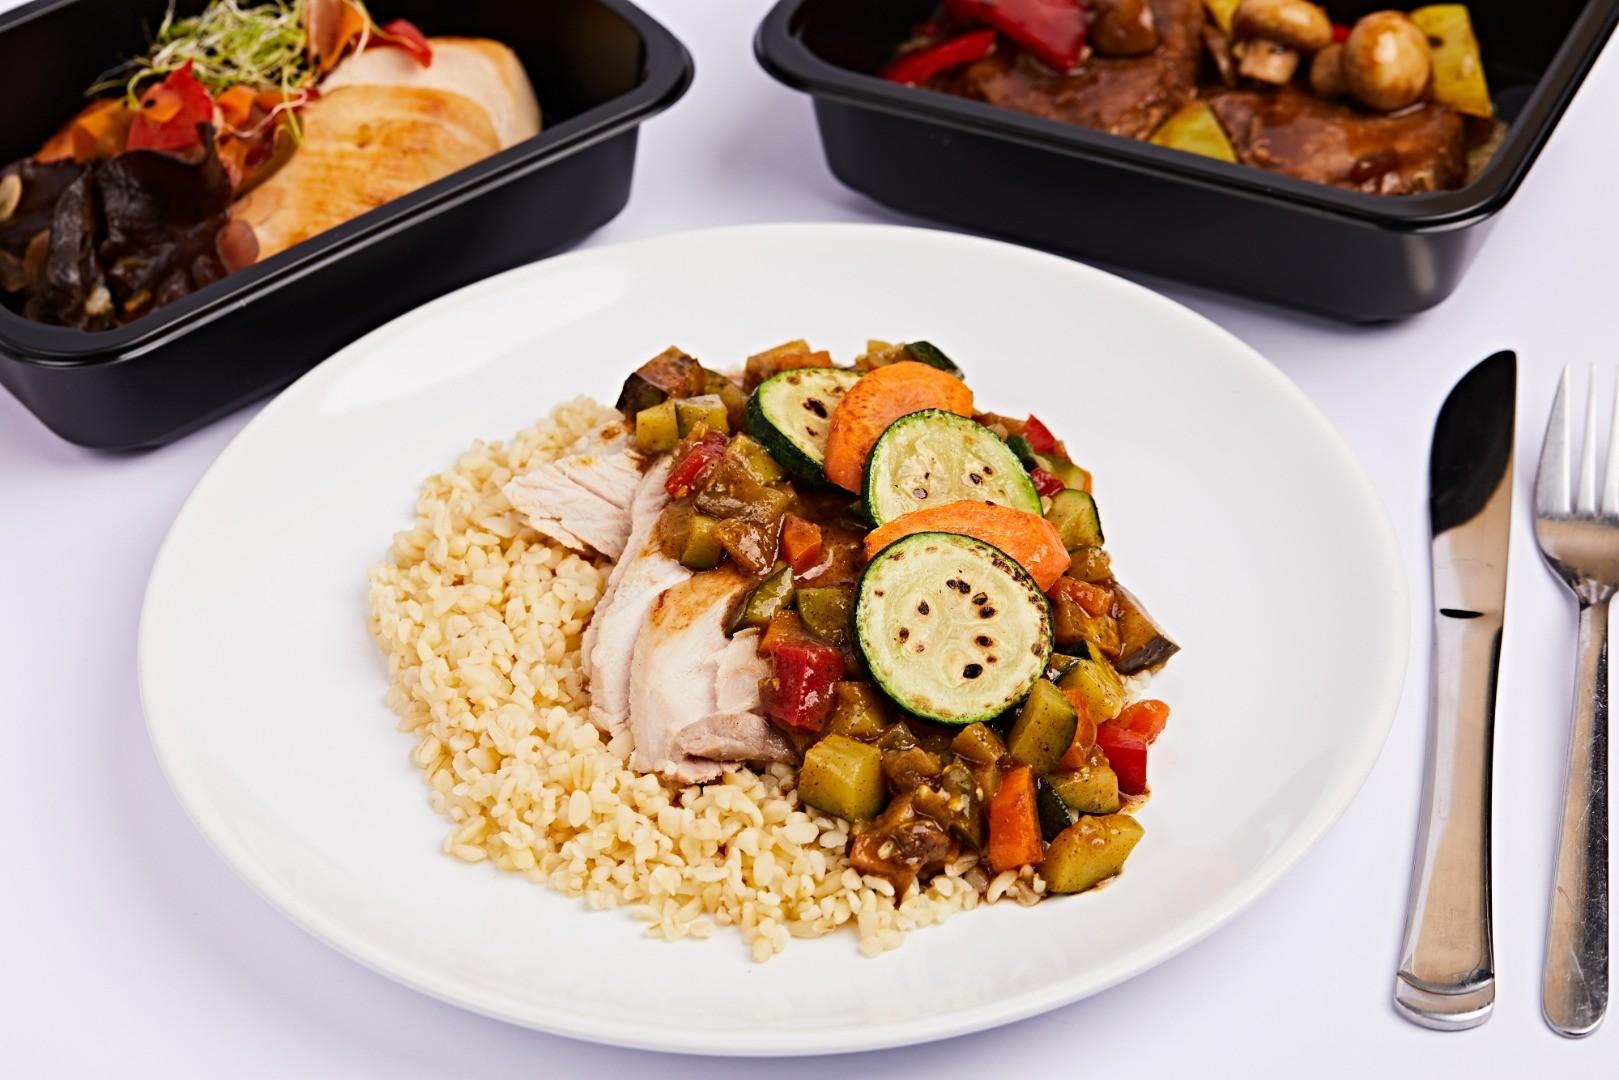 Béres Alexandra - Ételrendelés – Étlap – Házhozszállítás – Egészséges ételek